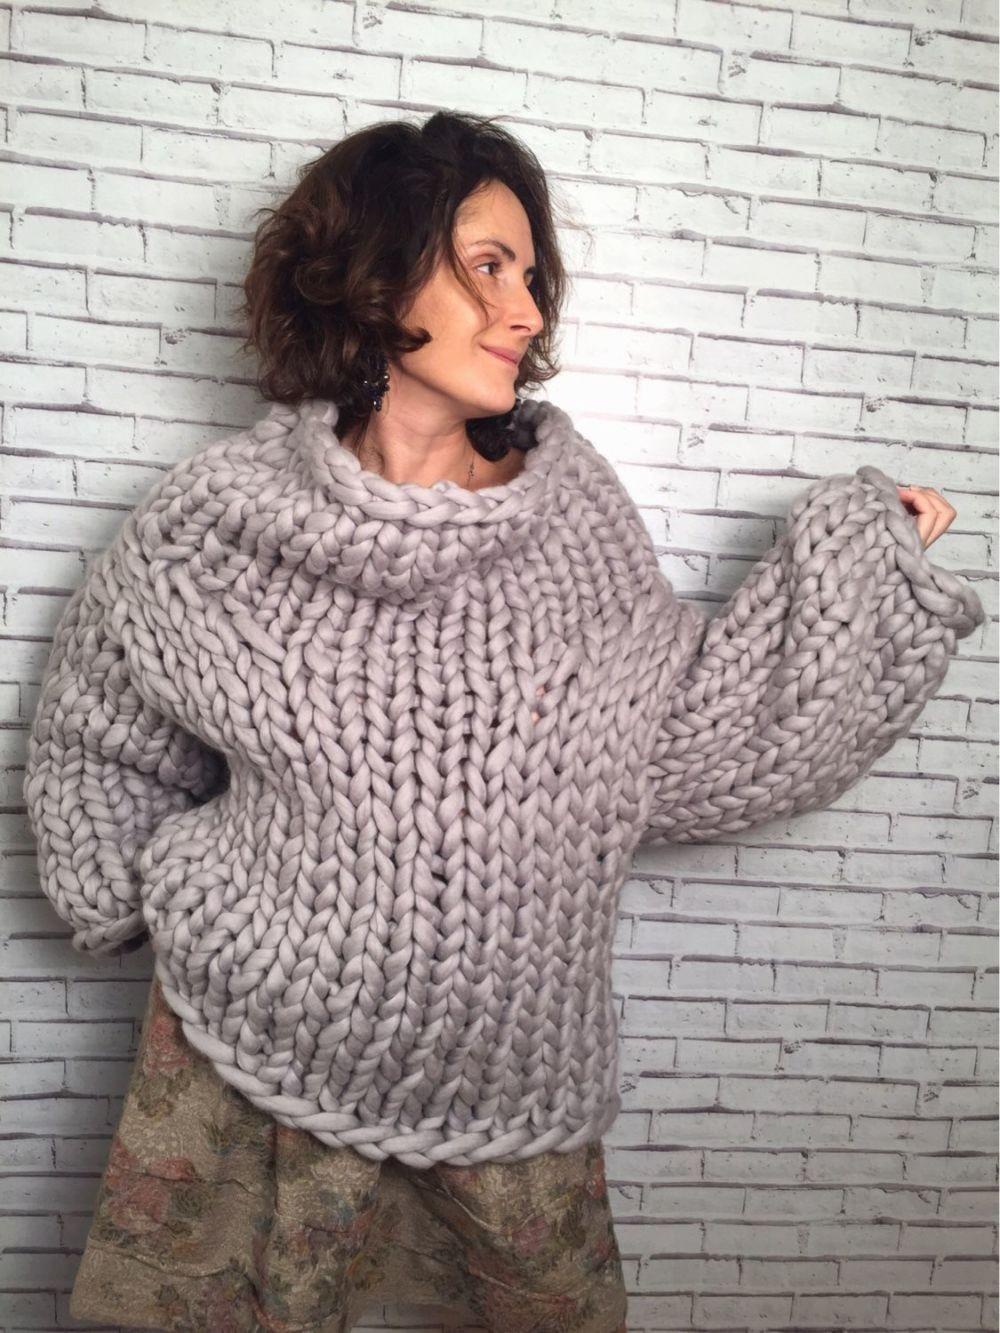 Вязание спицами крупной вязкой свитера для женщин 87